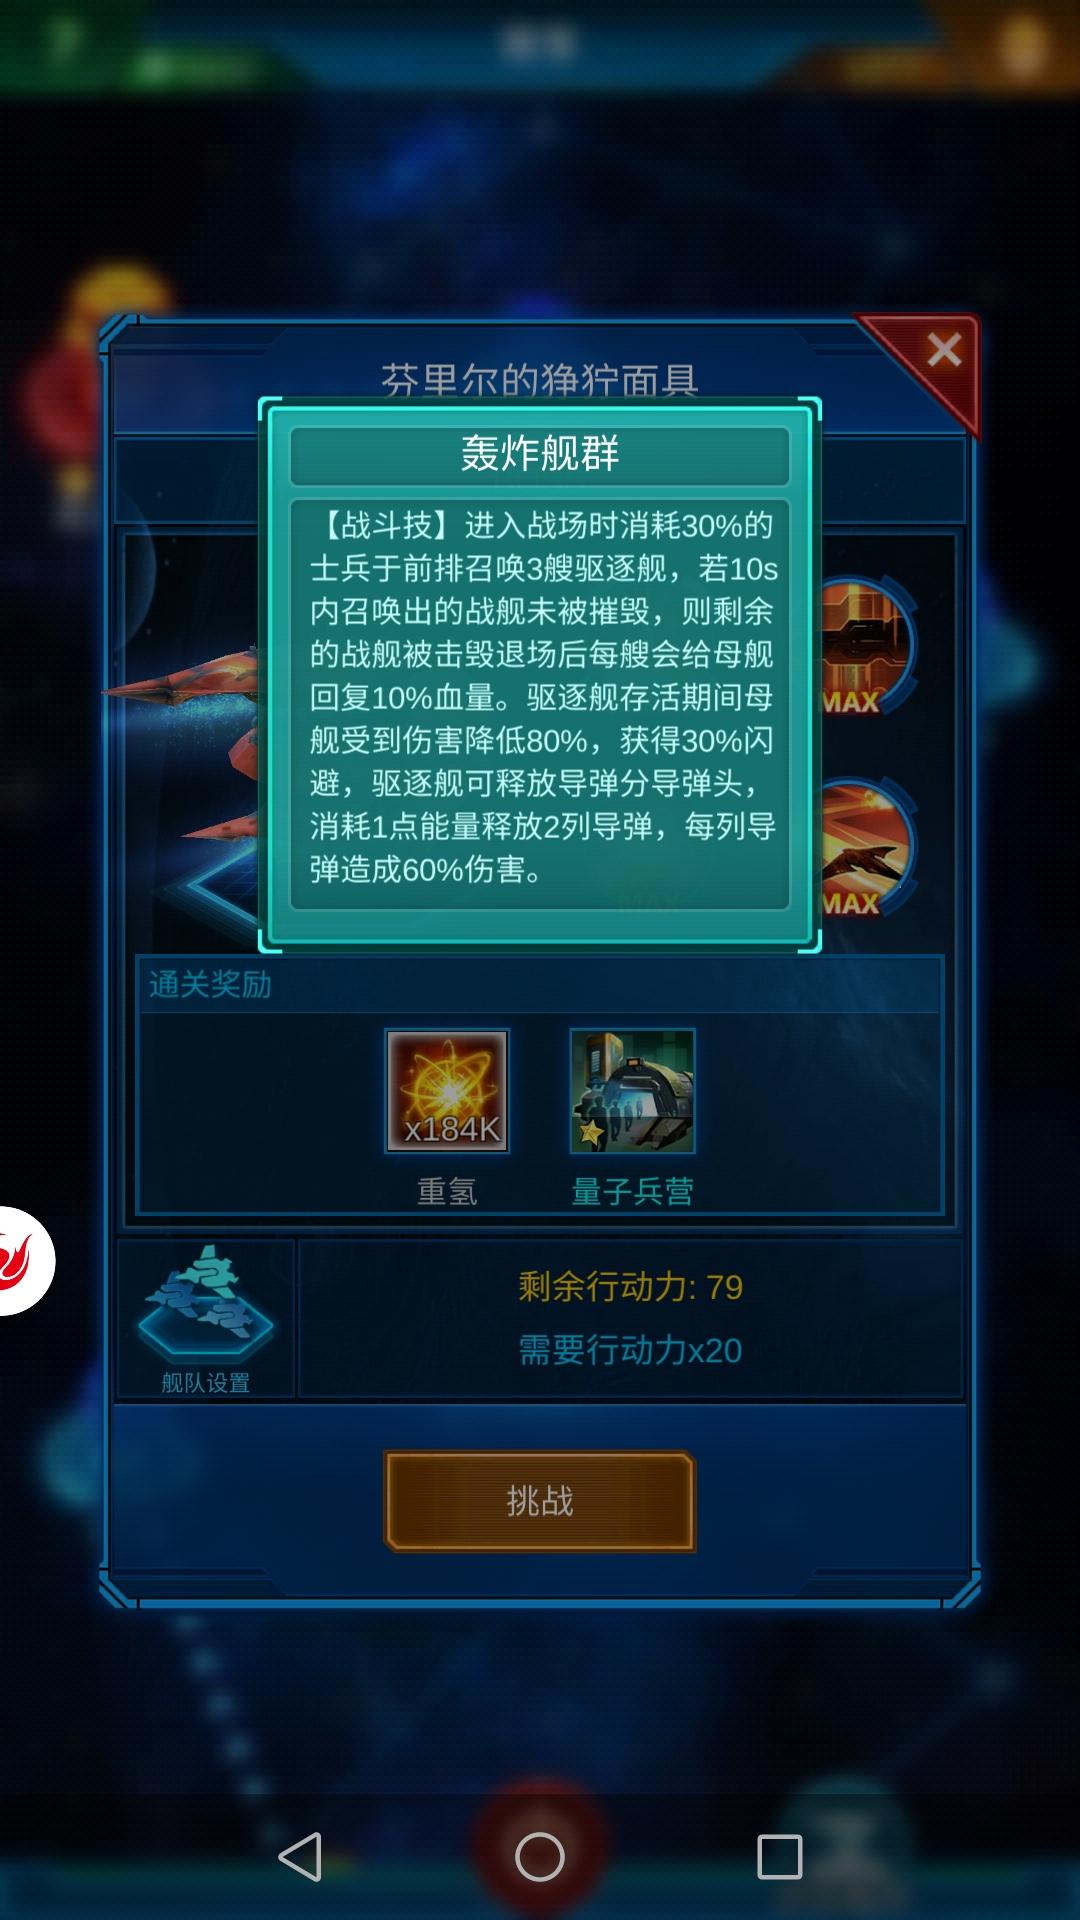 Screenshot_20200410-103657.jpg